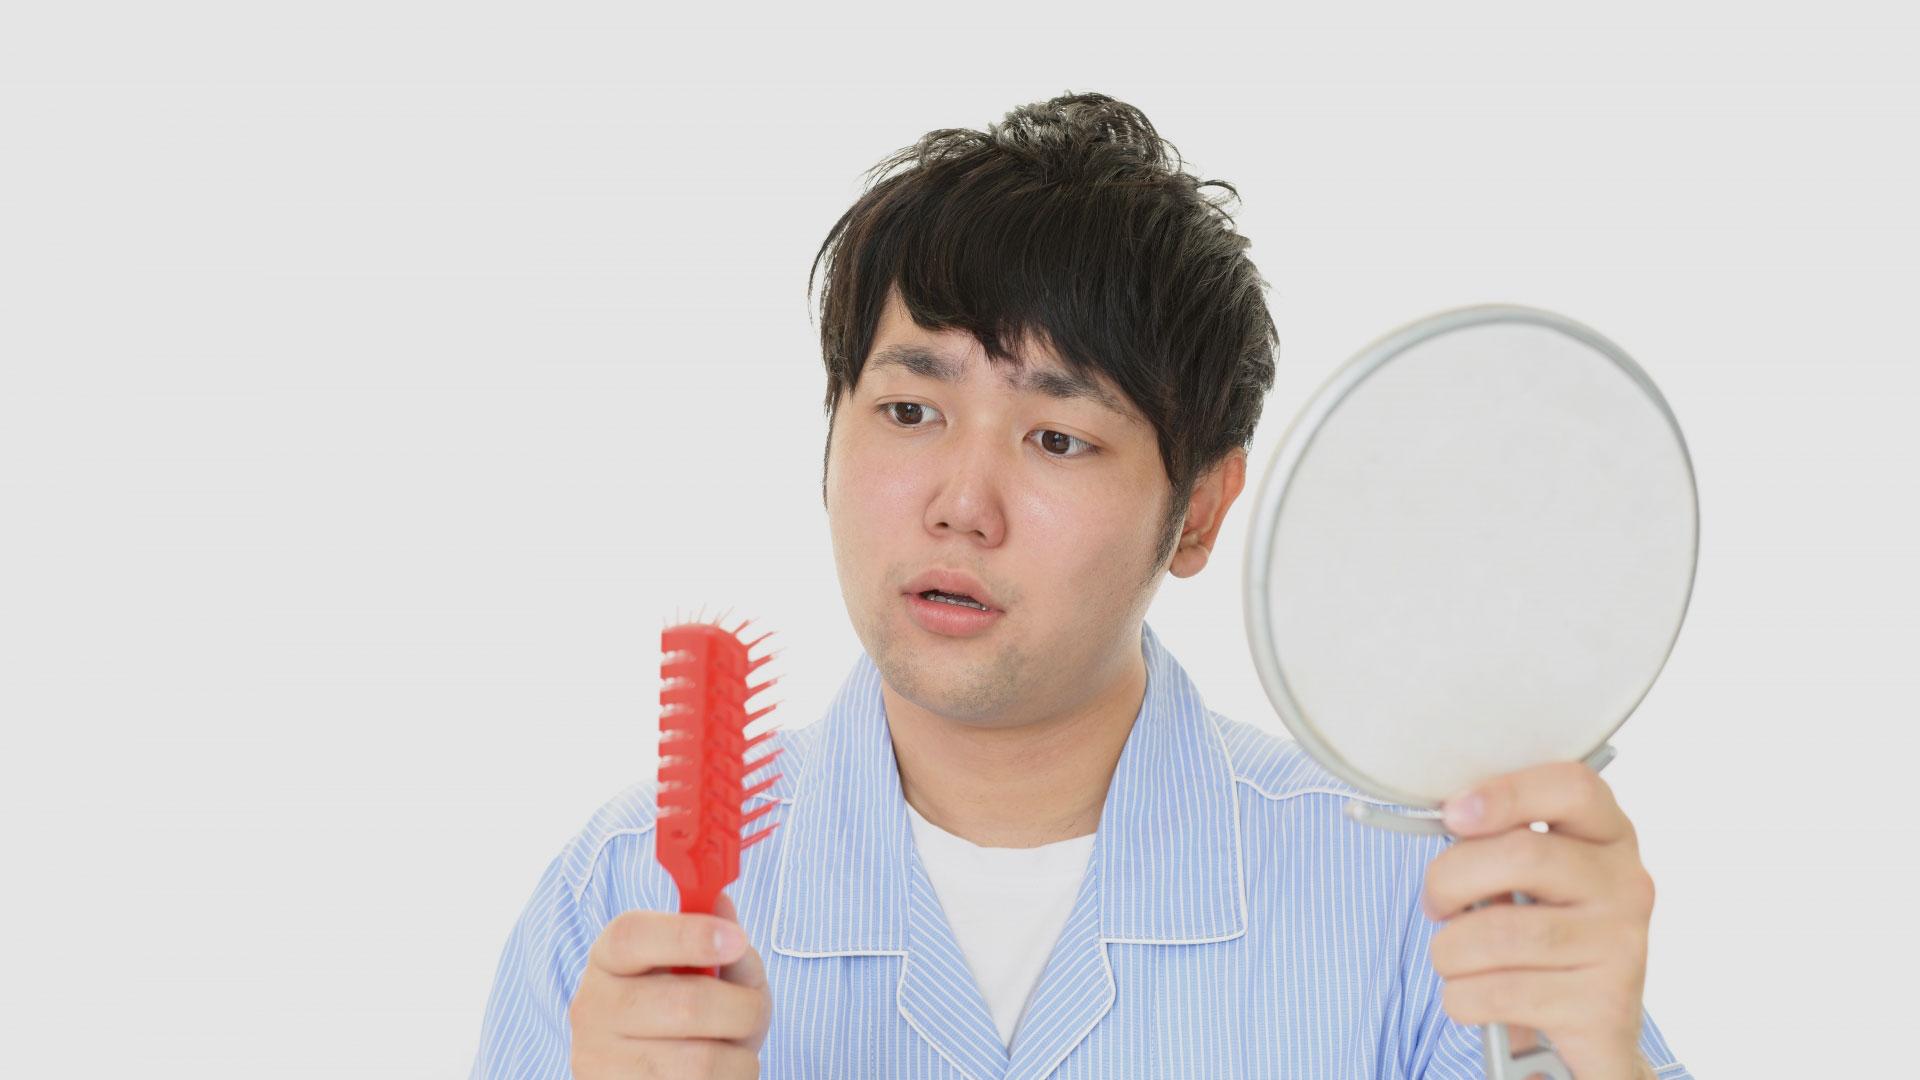 【逆効果】育毛でやってはいけないこと5選!これ薄毛を進行させる?